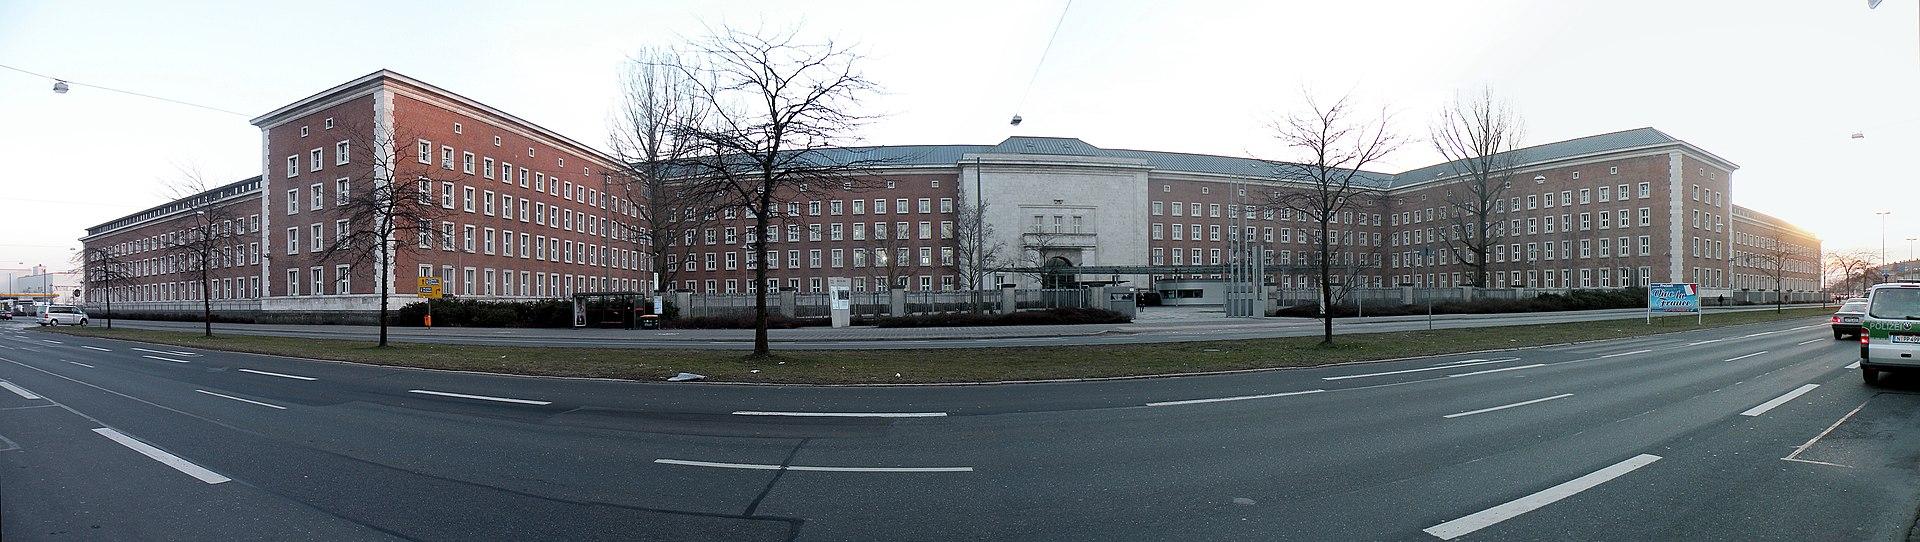 Федеральное ведомство по делам беженцев и мигрантов — бывшие казармы СС